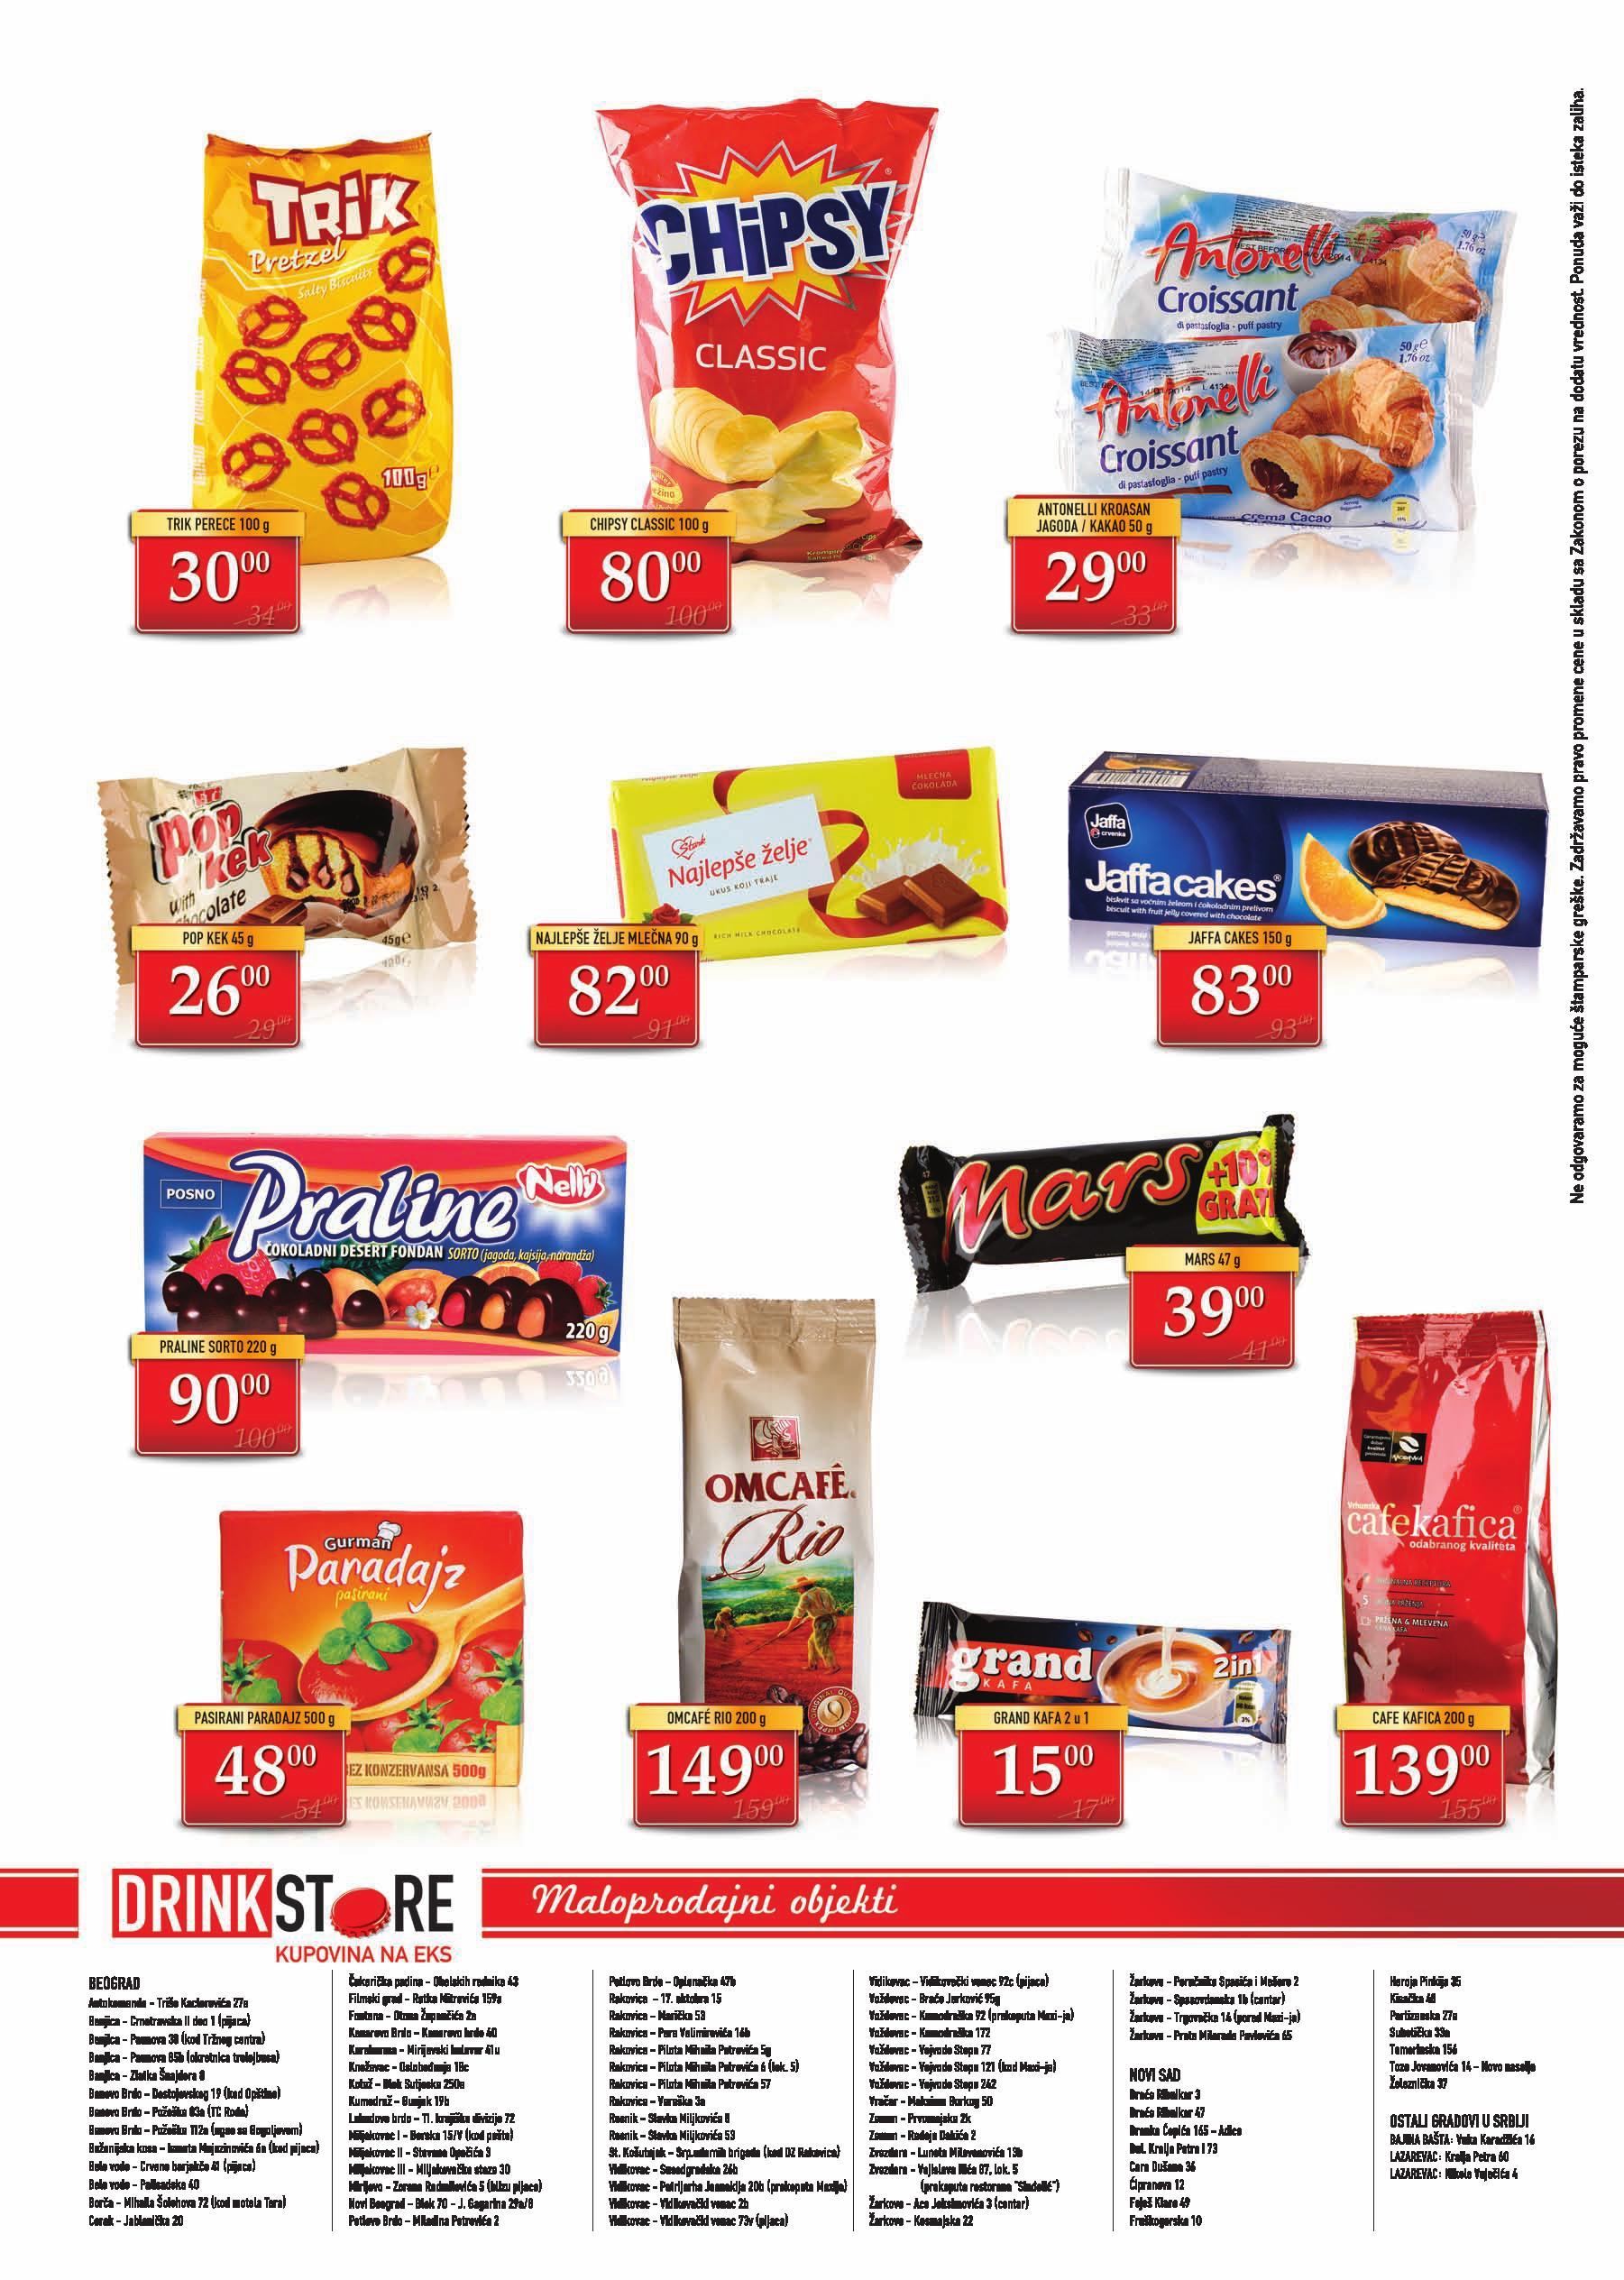 Drink Store akcija odlične ponude za vas